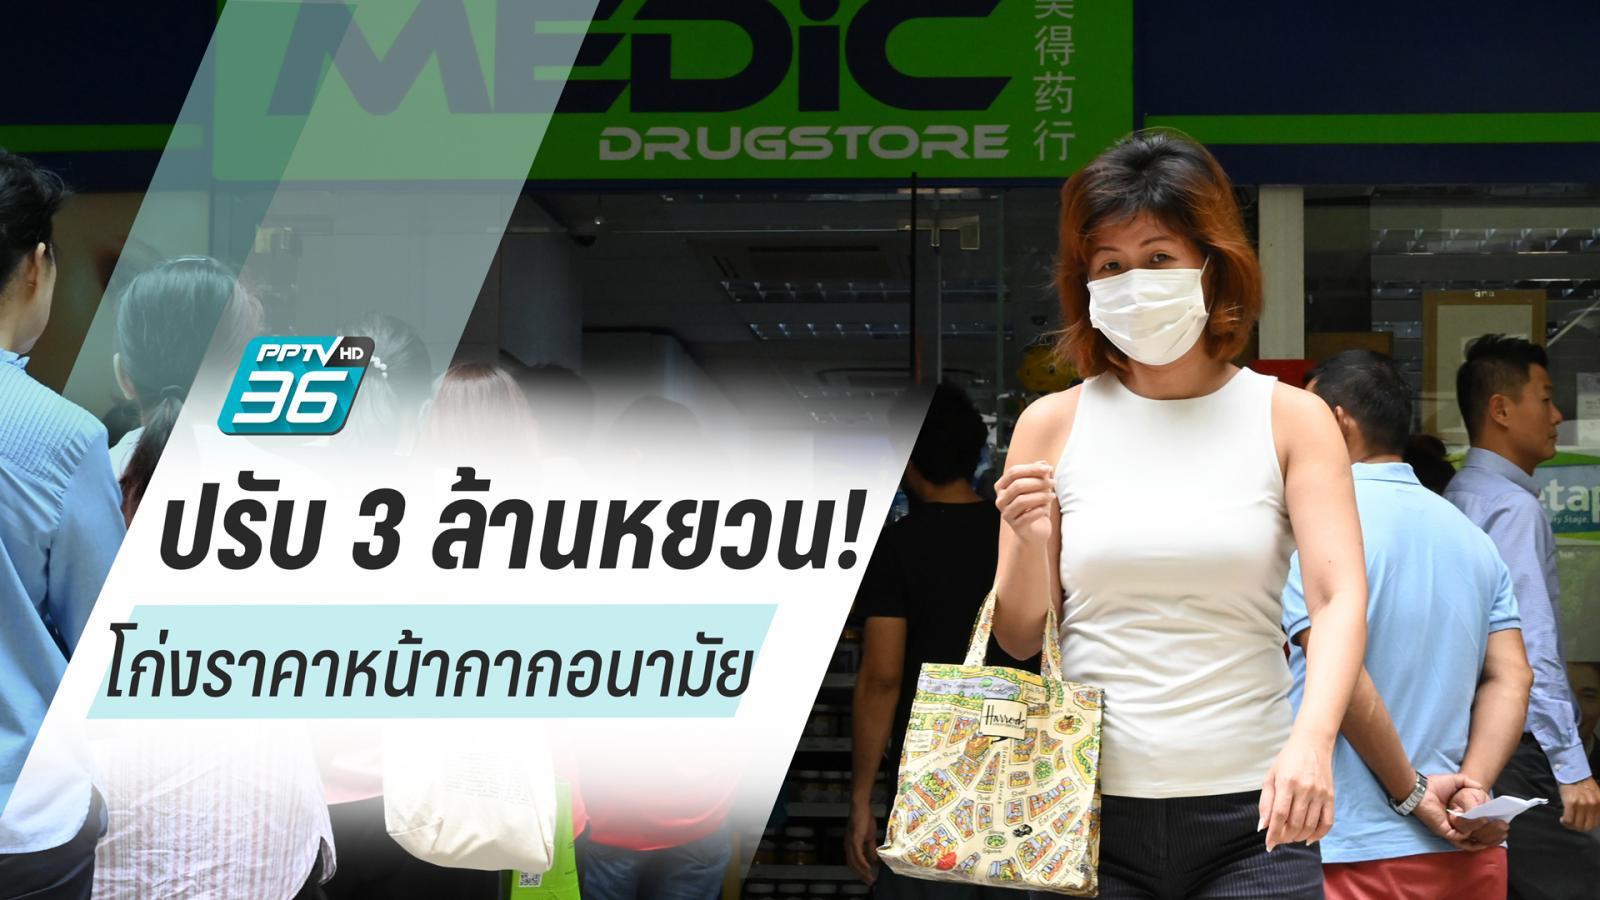 """เอาจริง! จีนสั่งปรับร้านขายยาโก่งราคา """"หน้ากากอนามัย"""" ช่วง โคโรนาระบาด"""